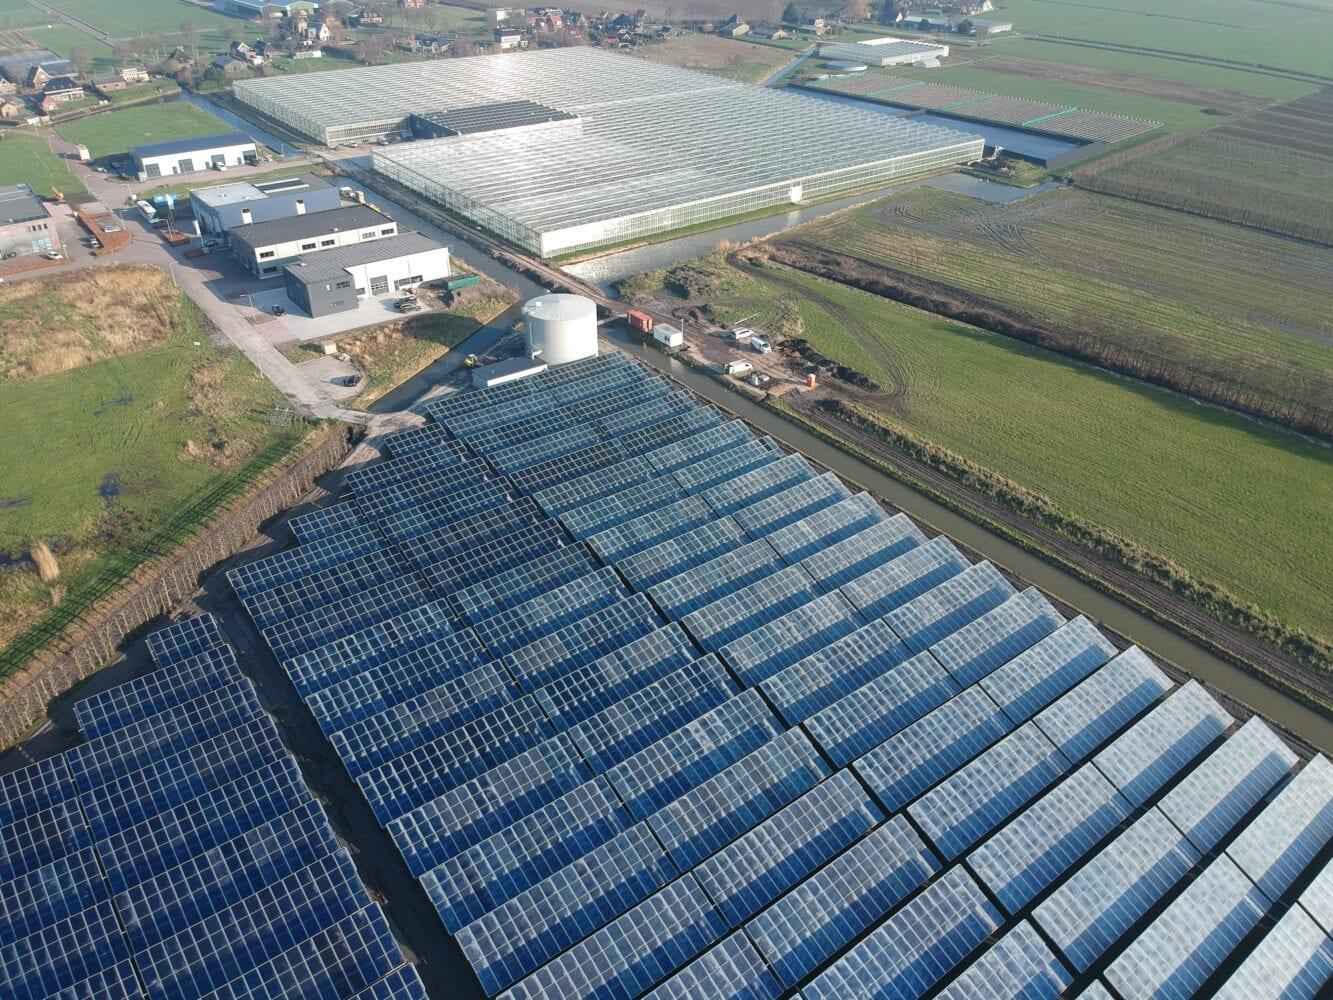 Weg von fossiler Energie, hin zu Sonnenenergie